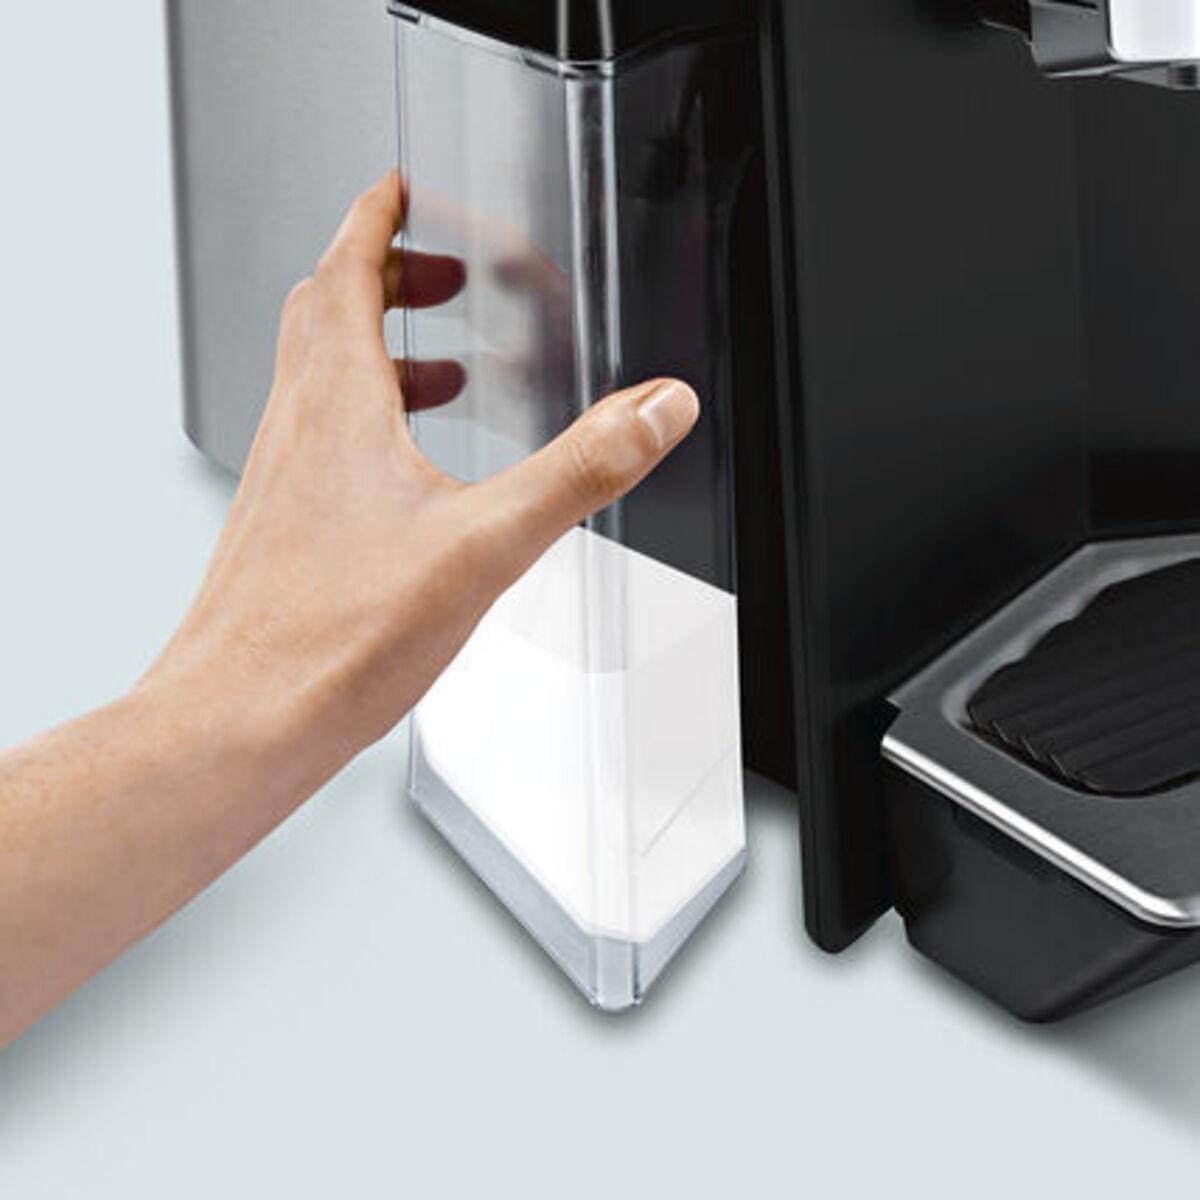 Bild 2 von Siemens Kaffeevollautomat EQ.9 s300, TI913539DE, schwarz/edelstahl